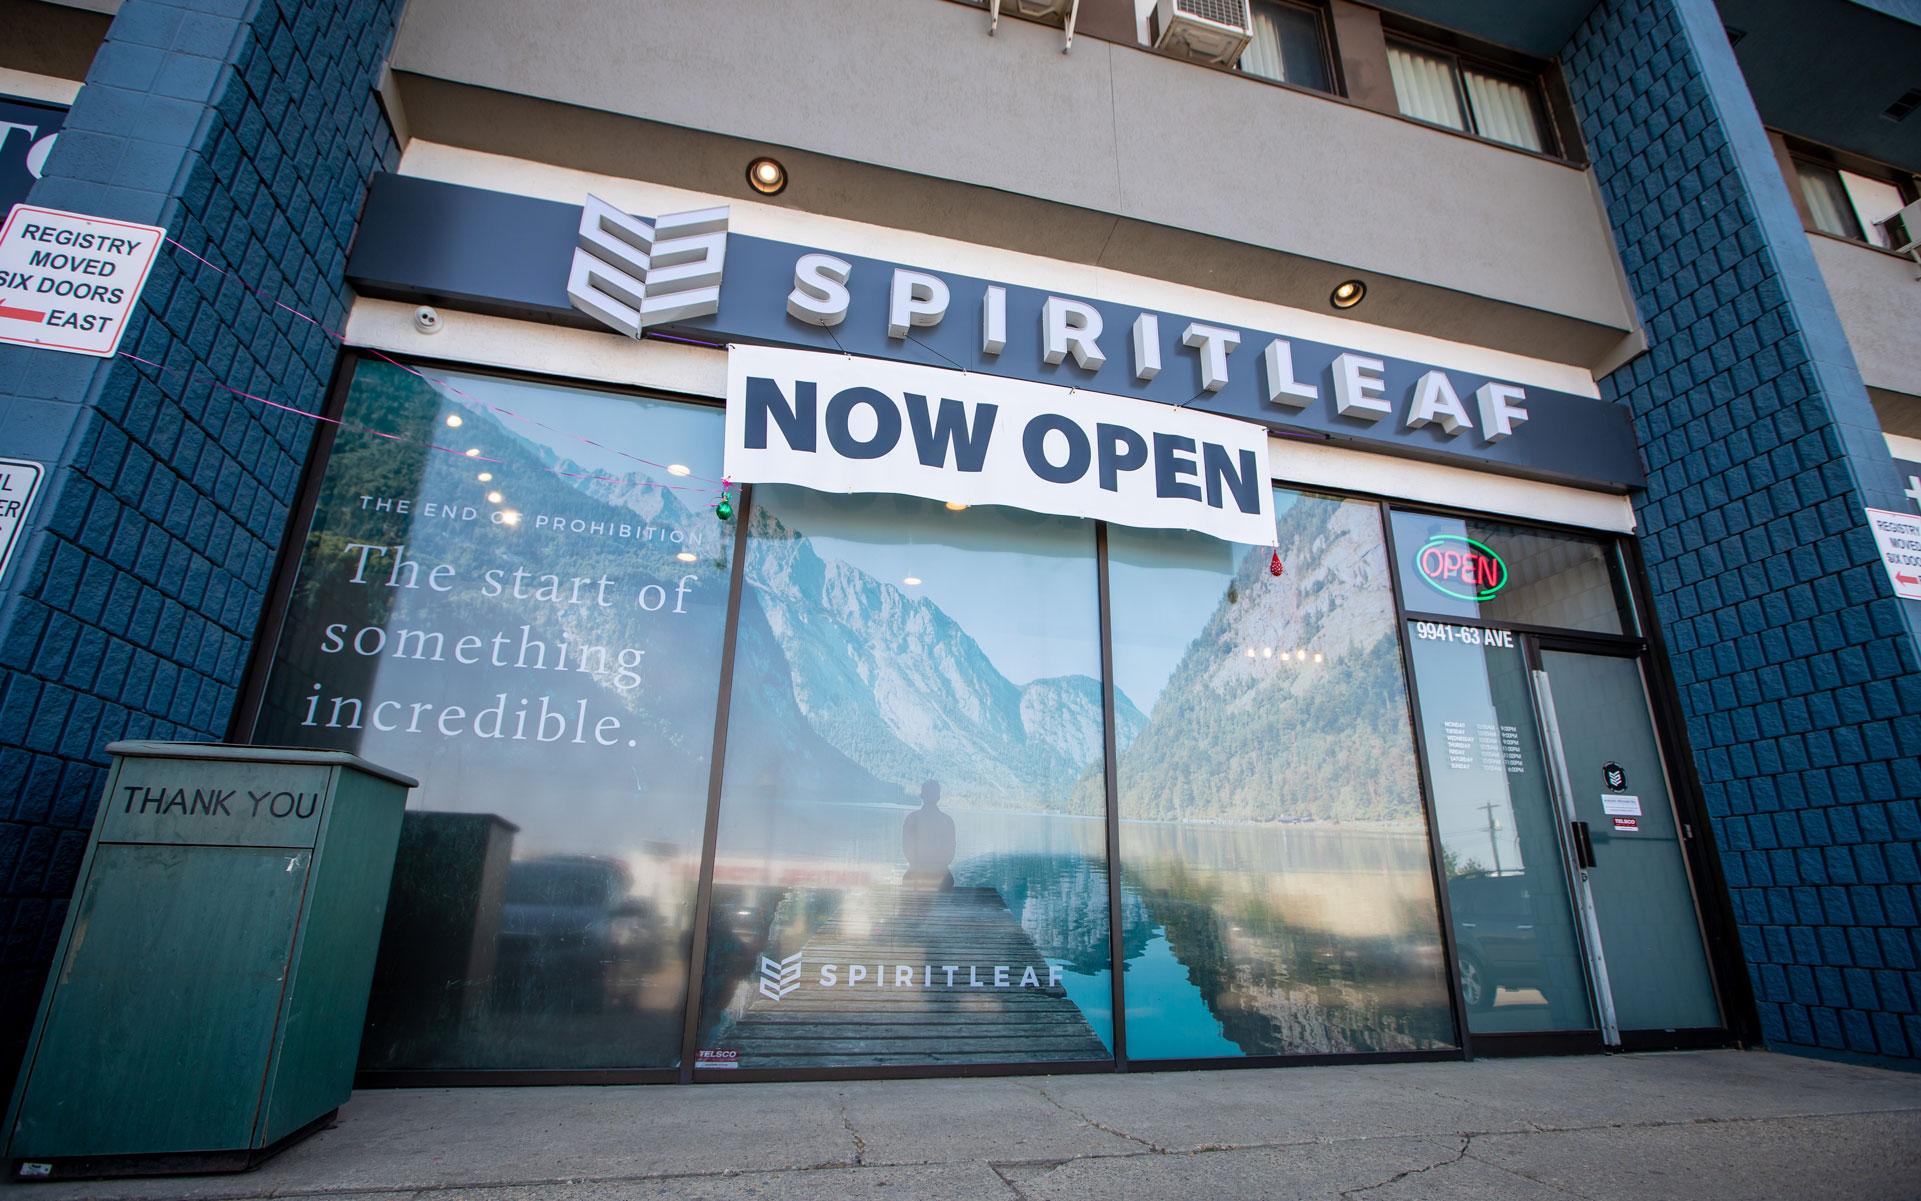 Spiritleaf Edmonton